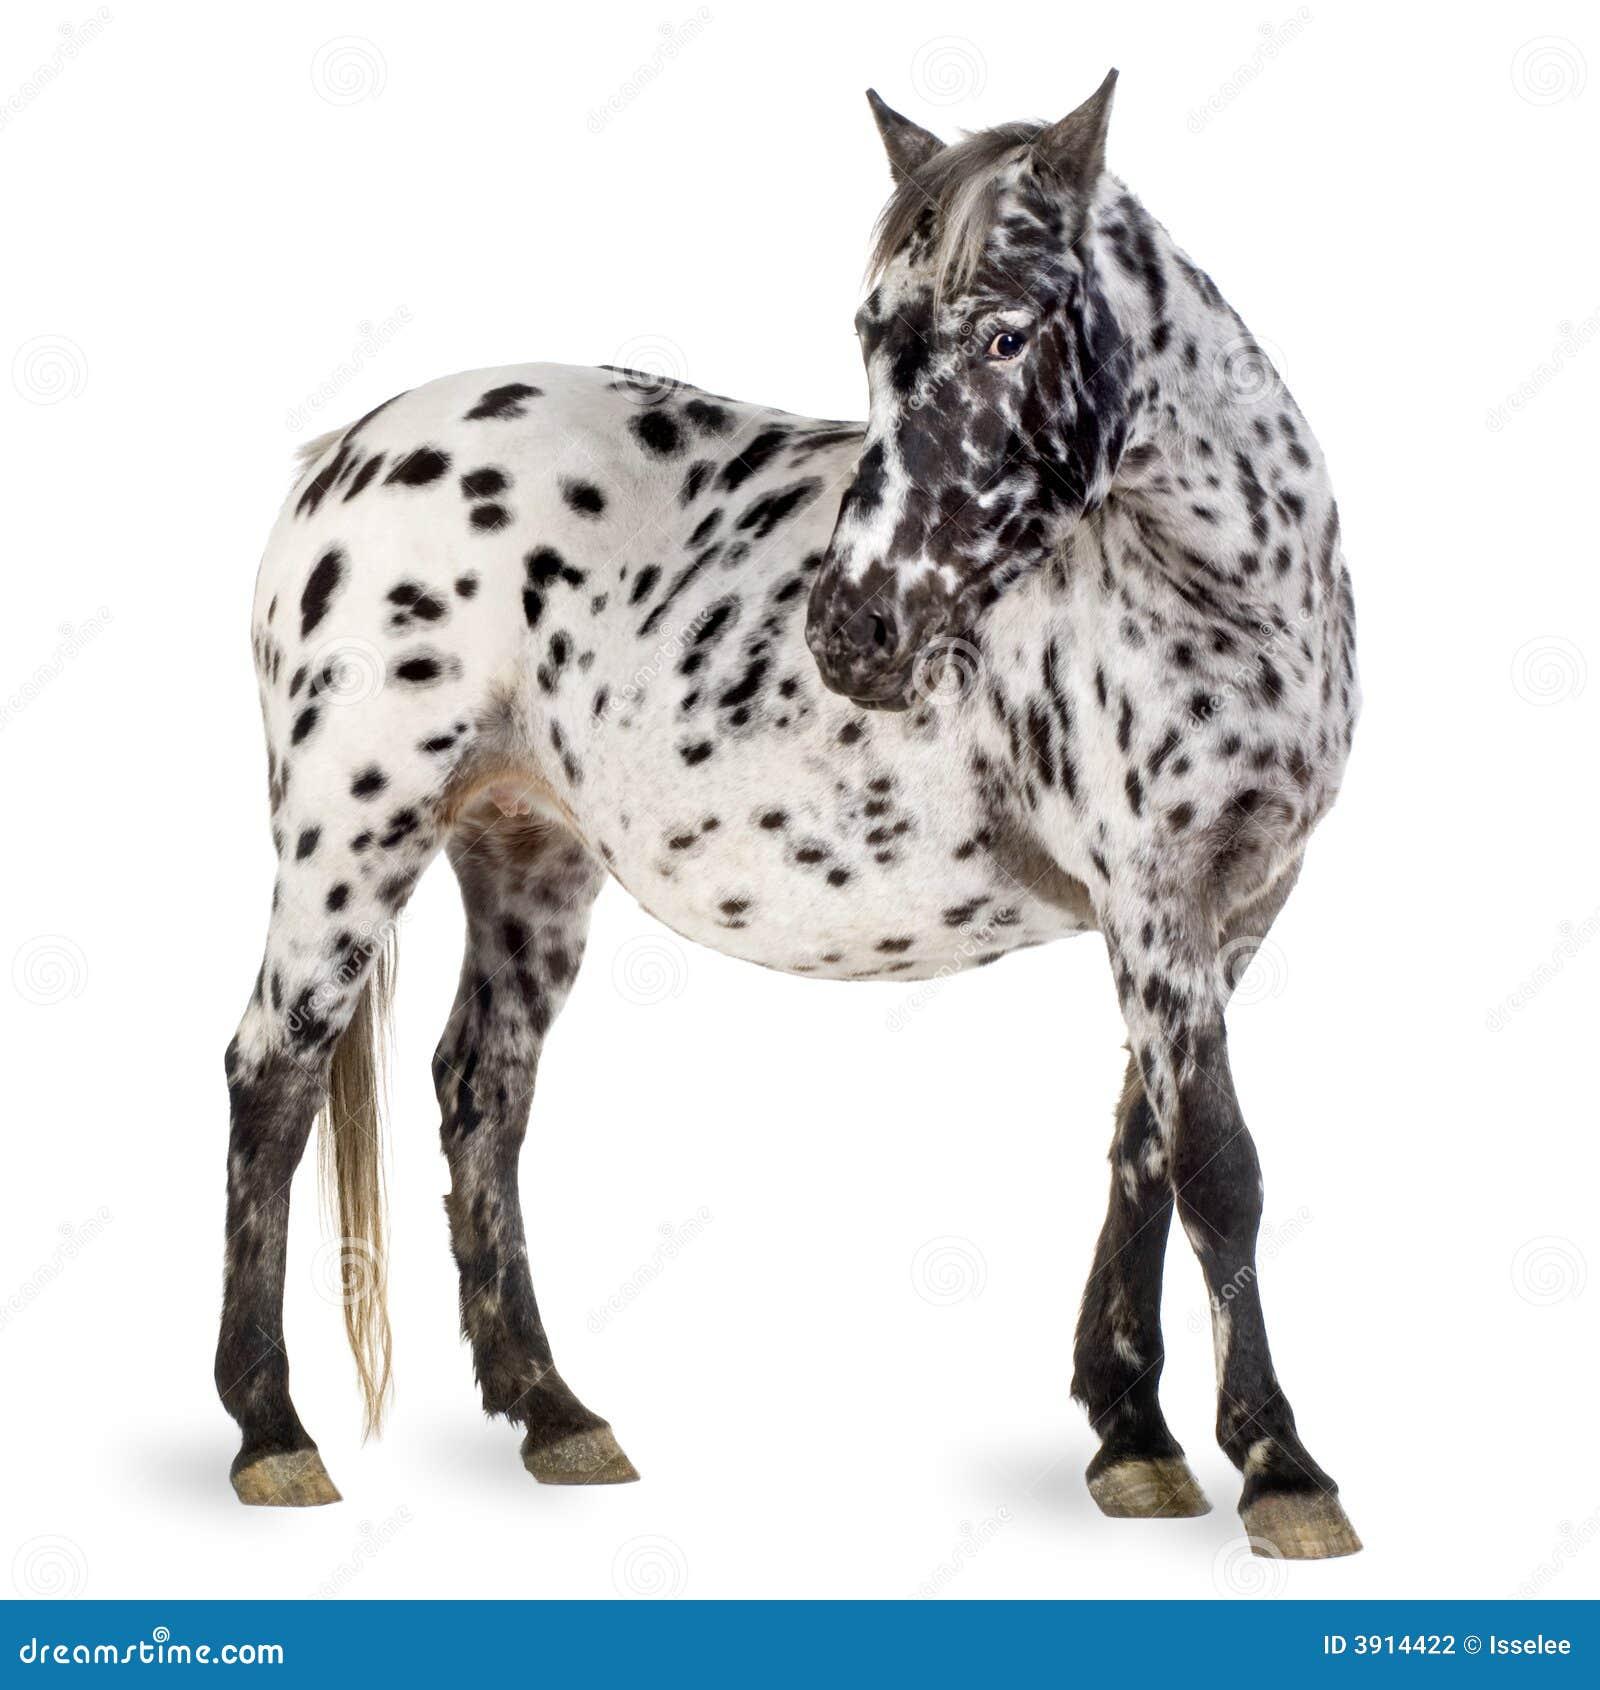 Appaloosa Horse Stock Photo Image Of Grey Gray Appaloosa 3914422